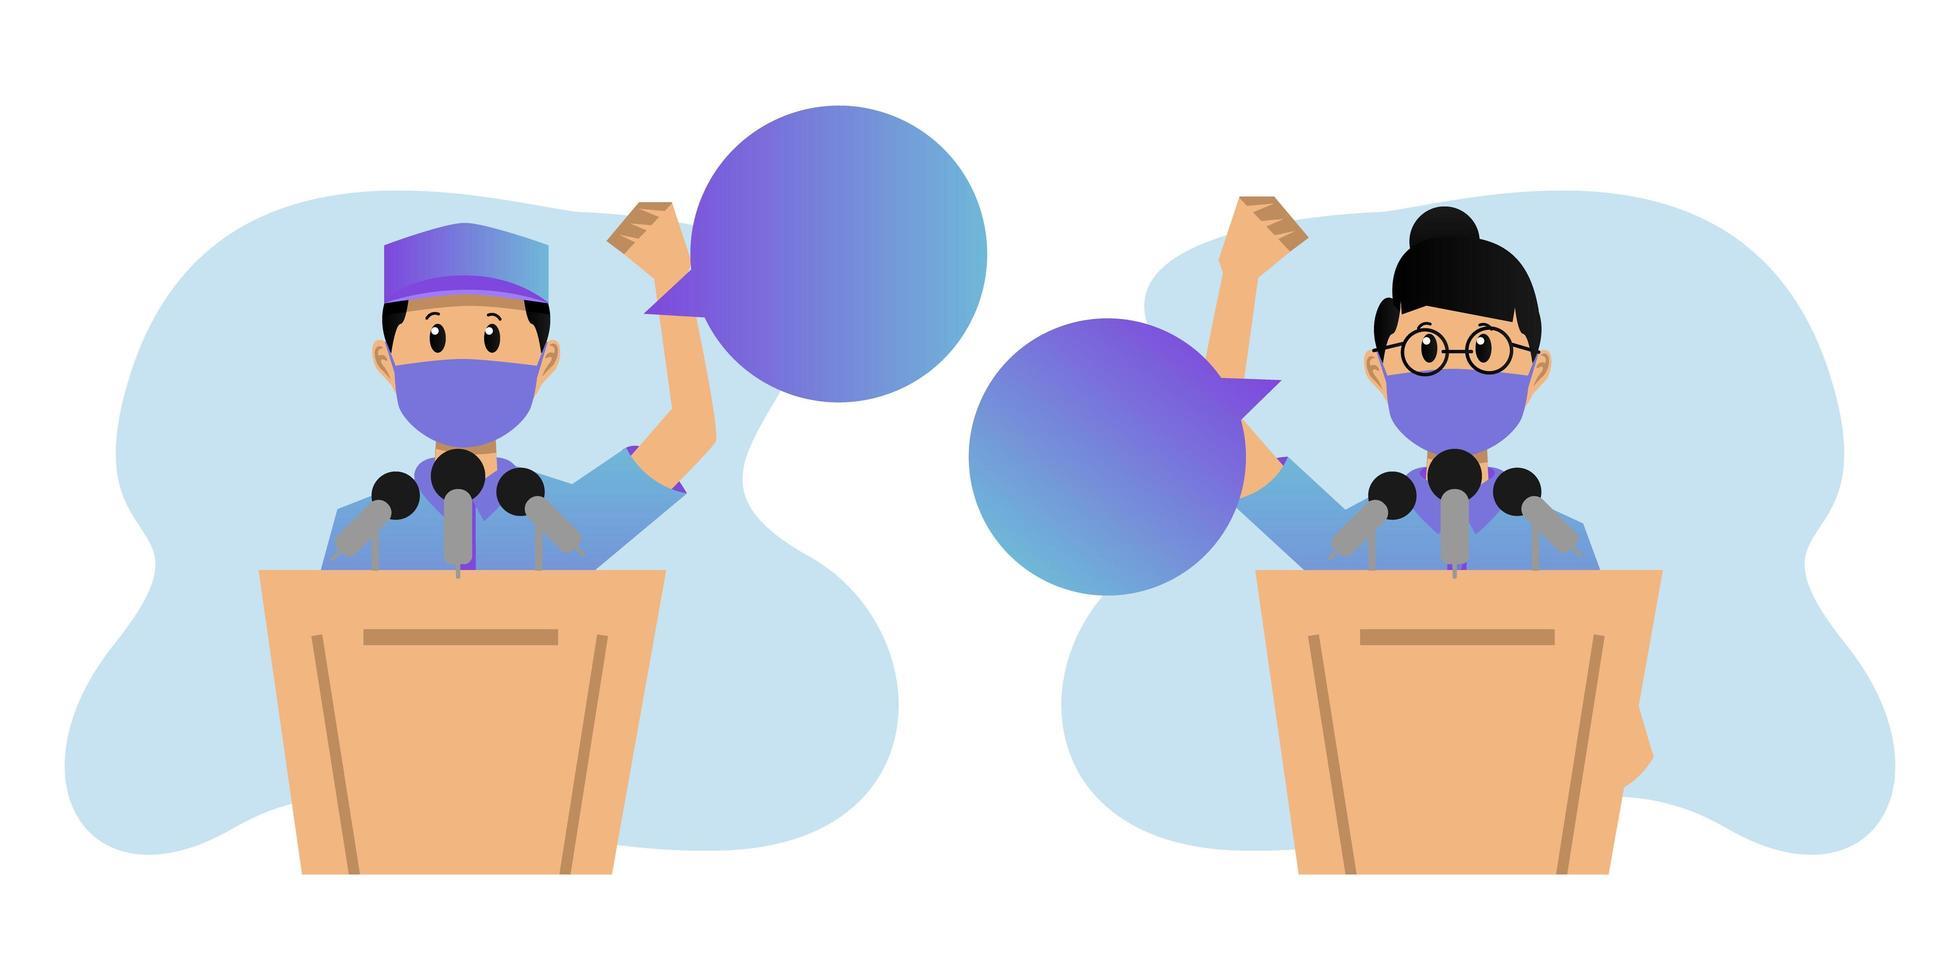 dibattiti politici mascherati sul design del podio vettore